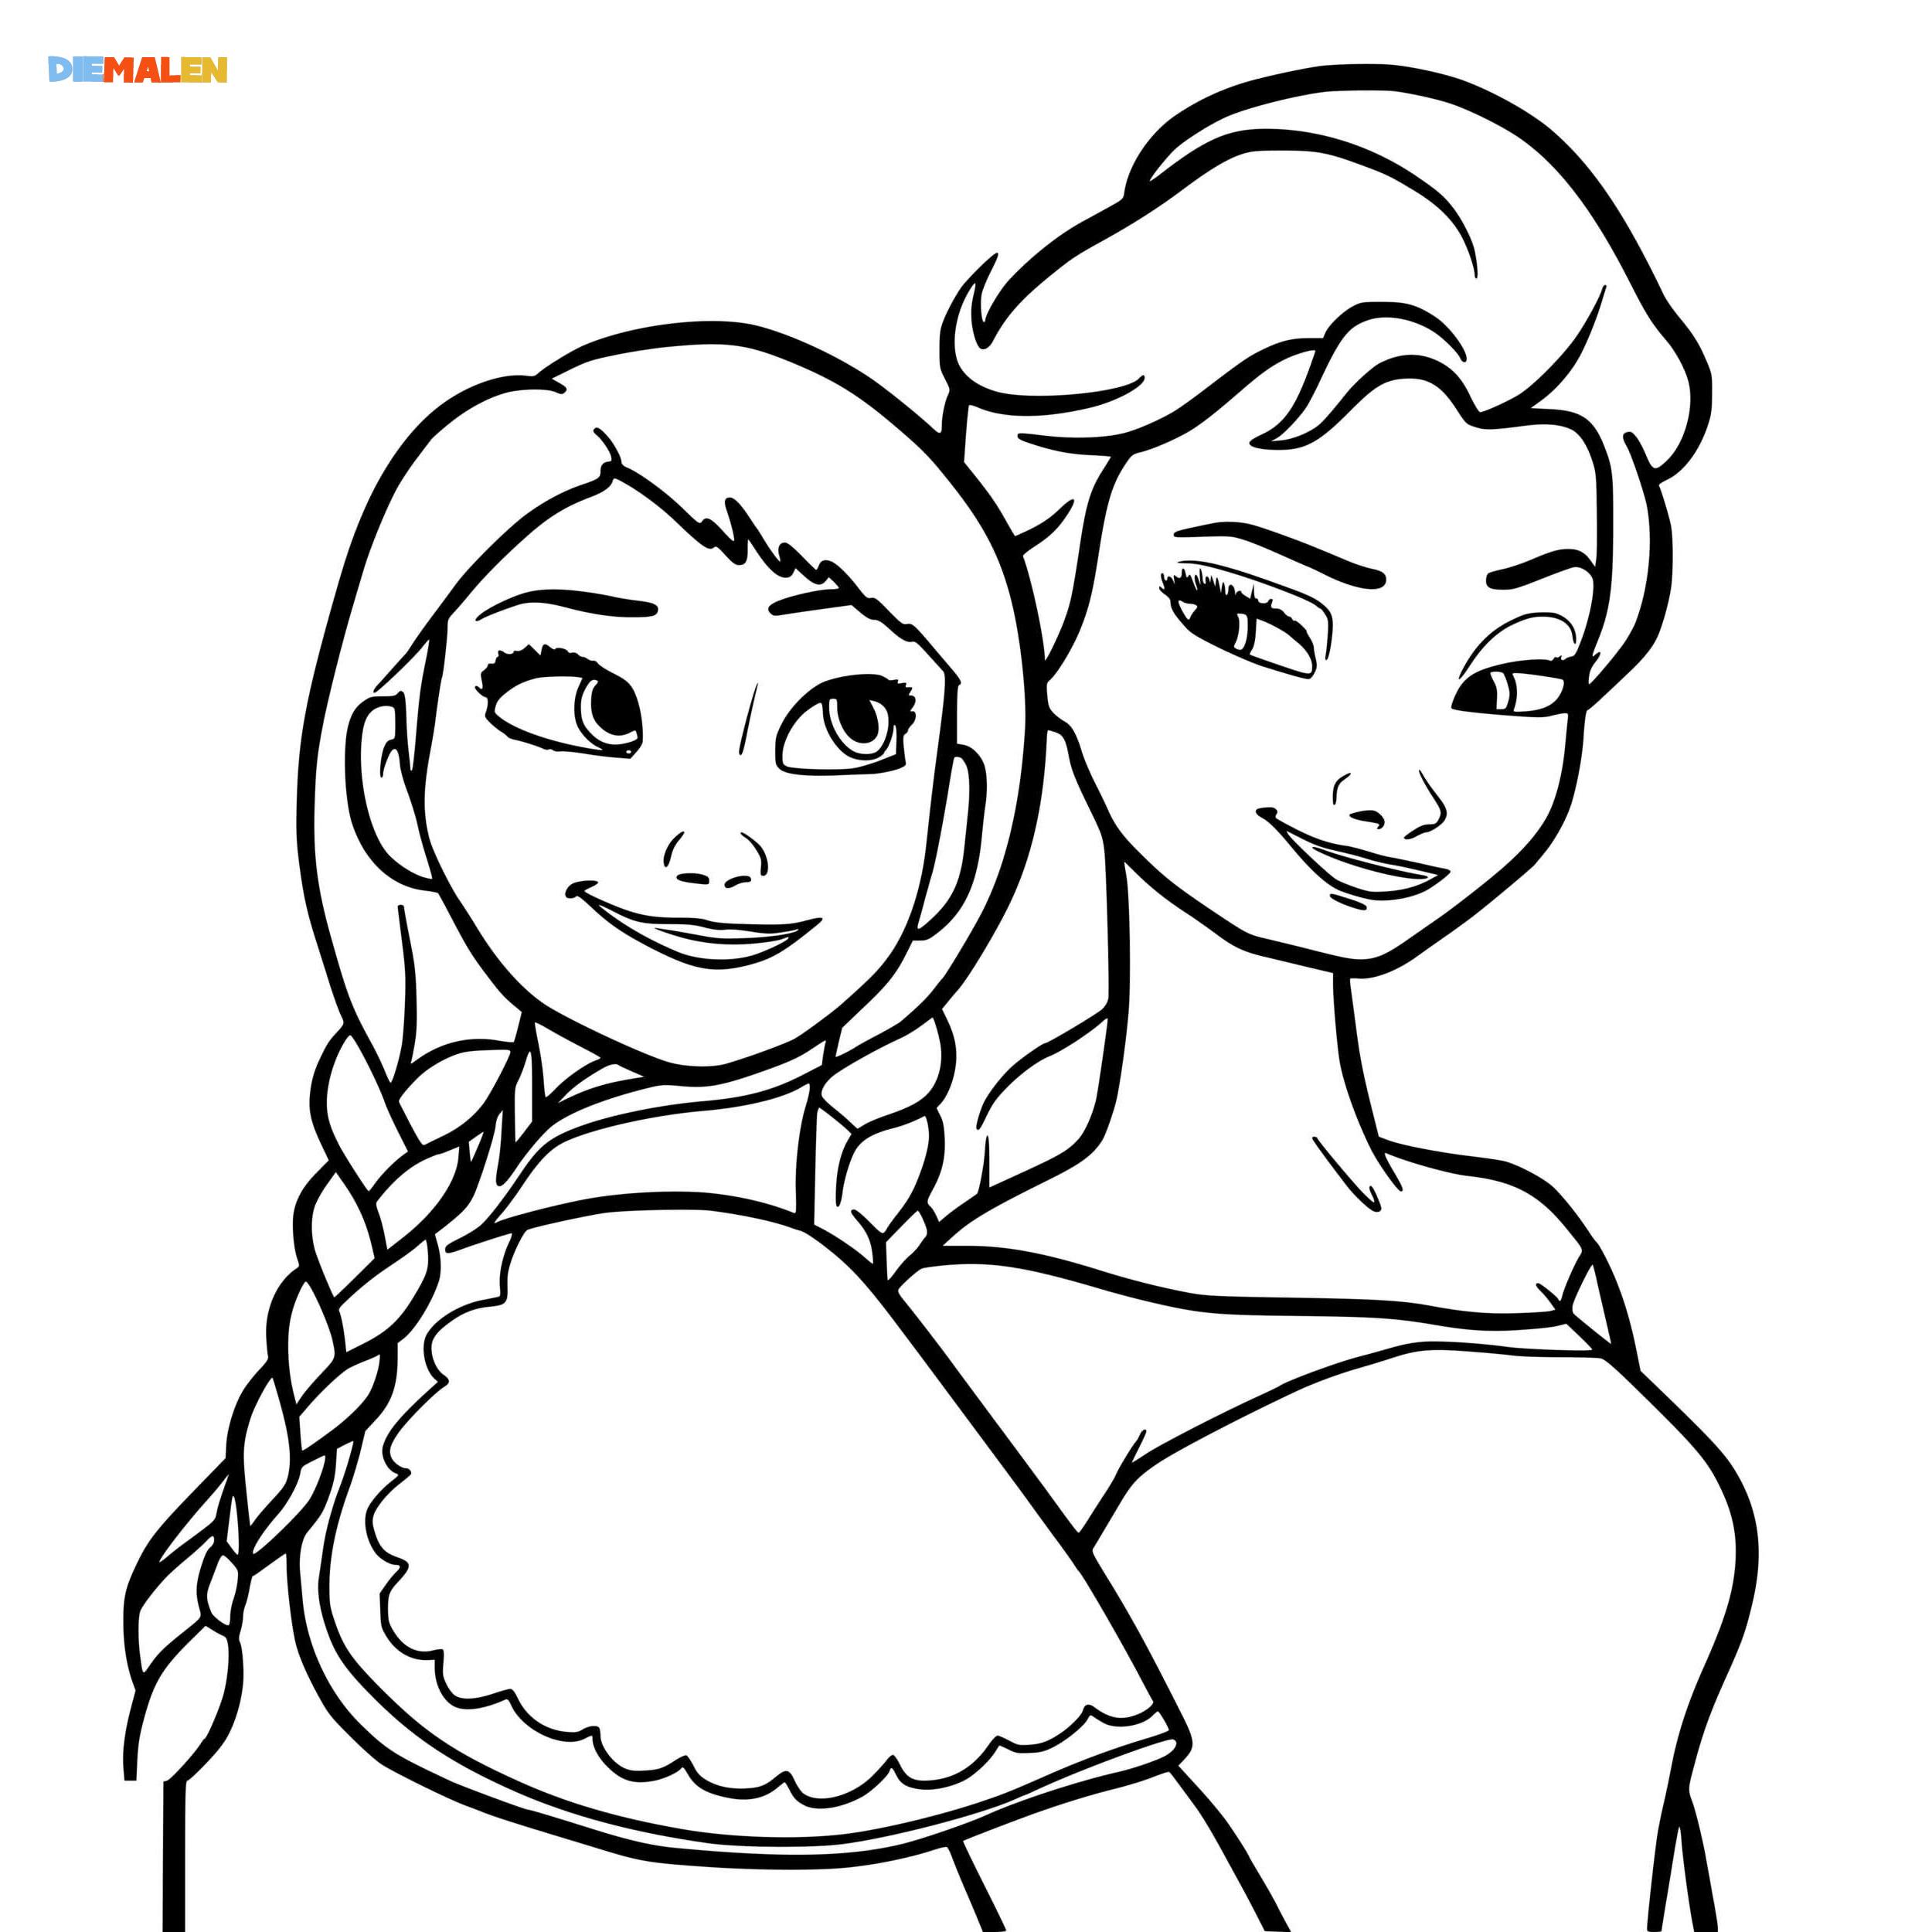 Elsa Ausmalbilder – Beste Malvorlagen für Mädchen → DieMalen.com